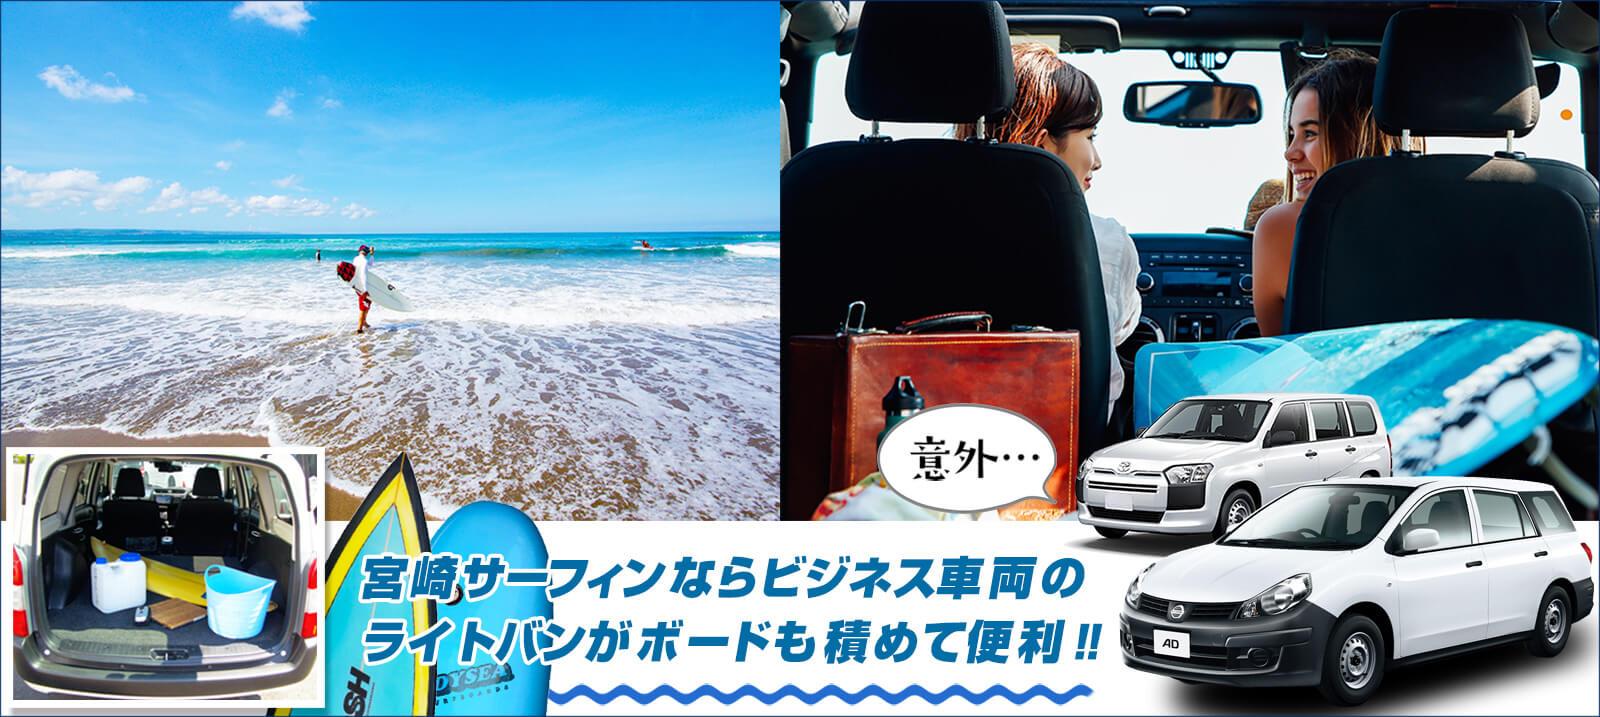 宮崎サーフィンならビジネス車両の サクシードがサーフボードも荷物も積めて便利‼